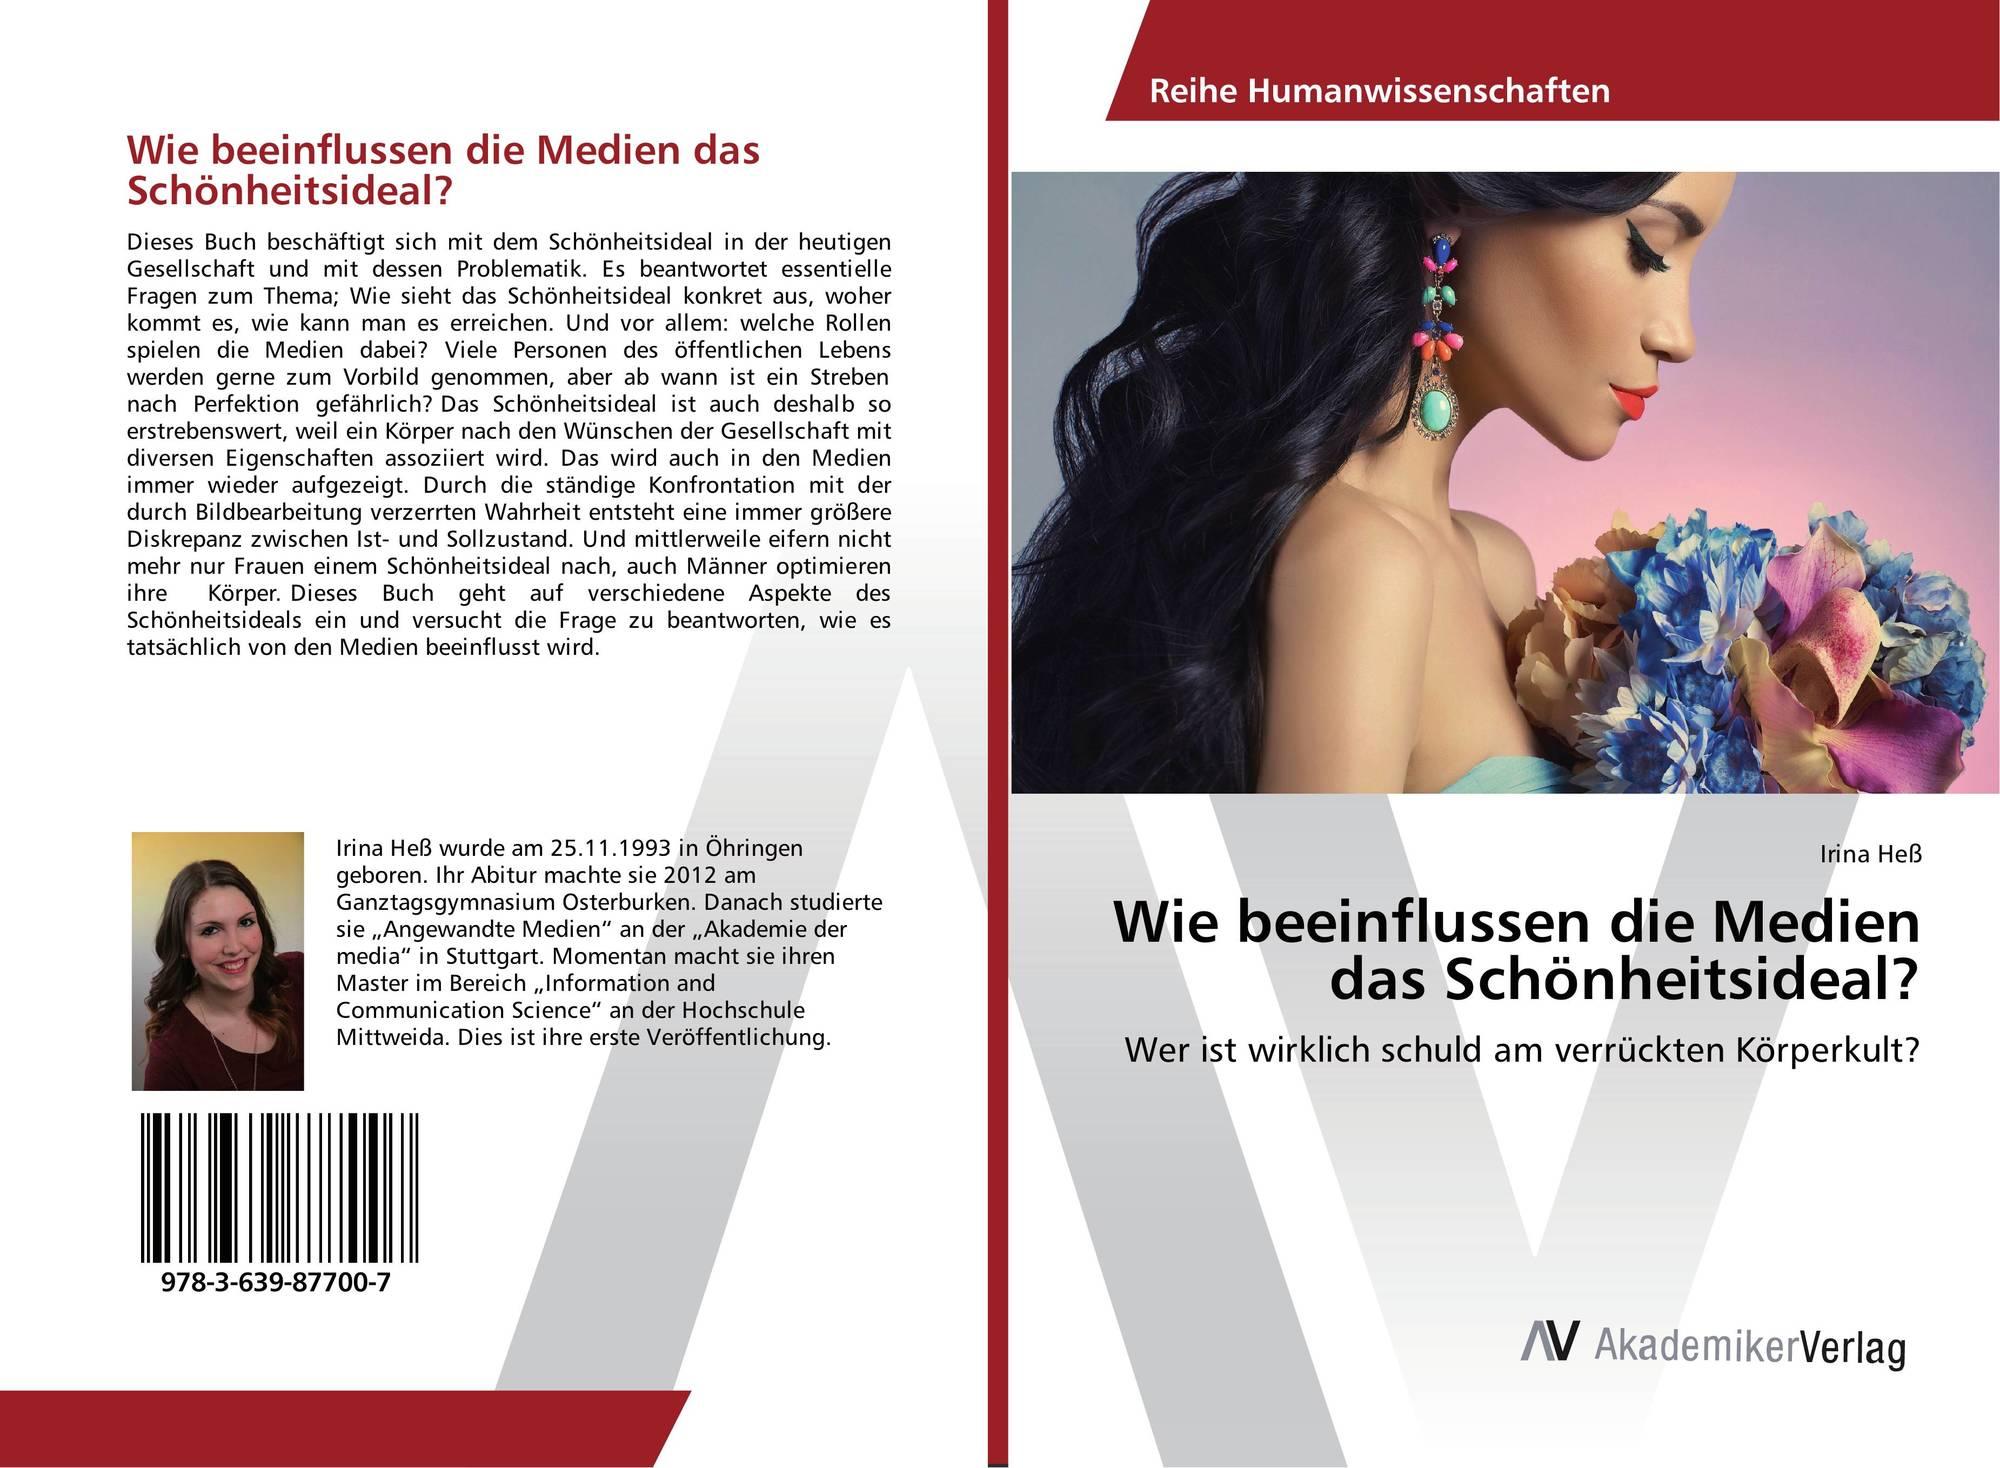 Wie beeinflussen die Medien das Schönheitsideal?, 3-3-3-3